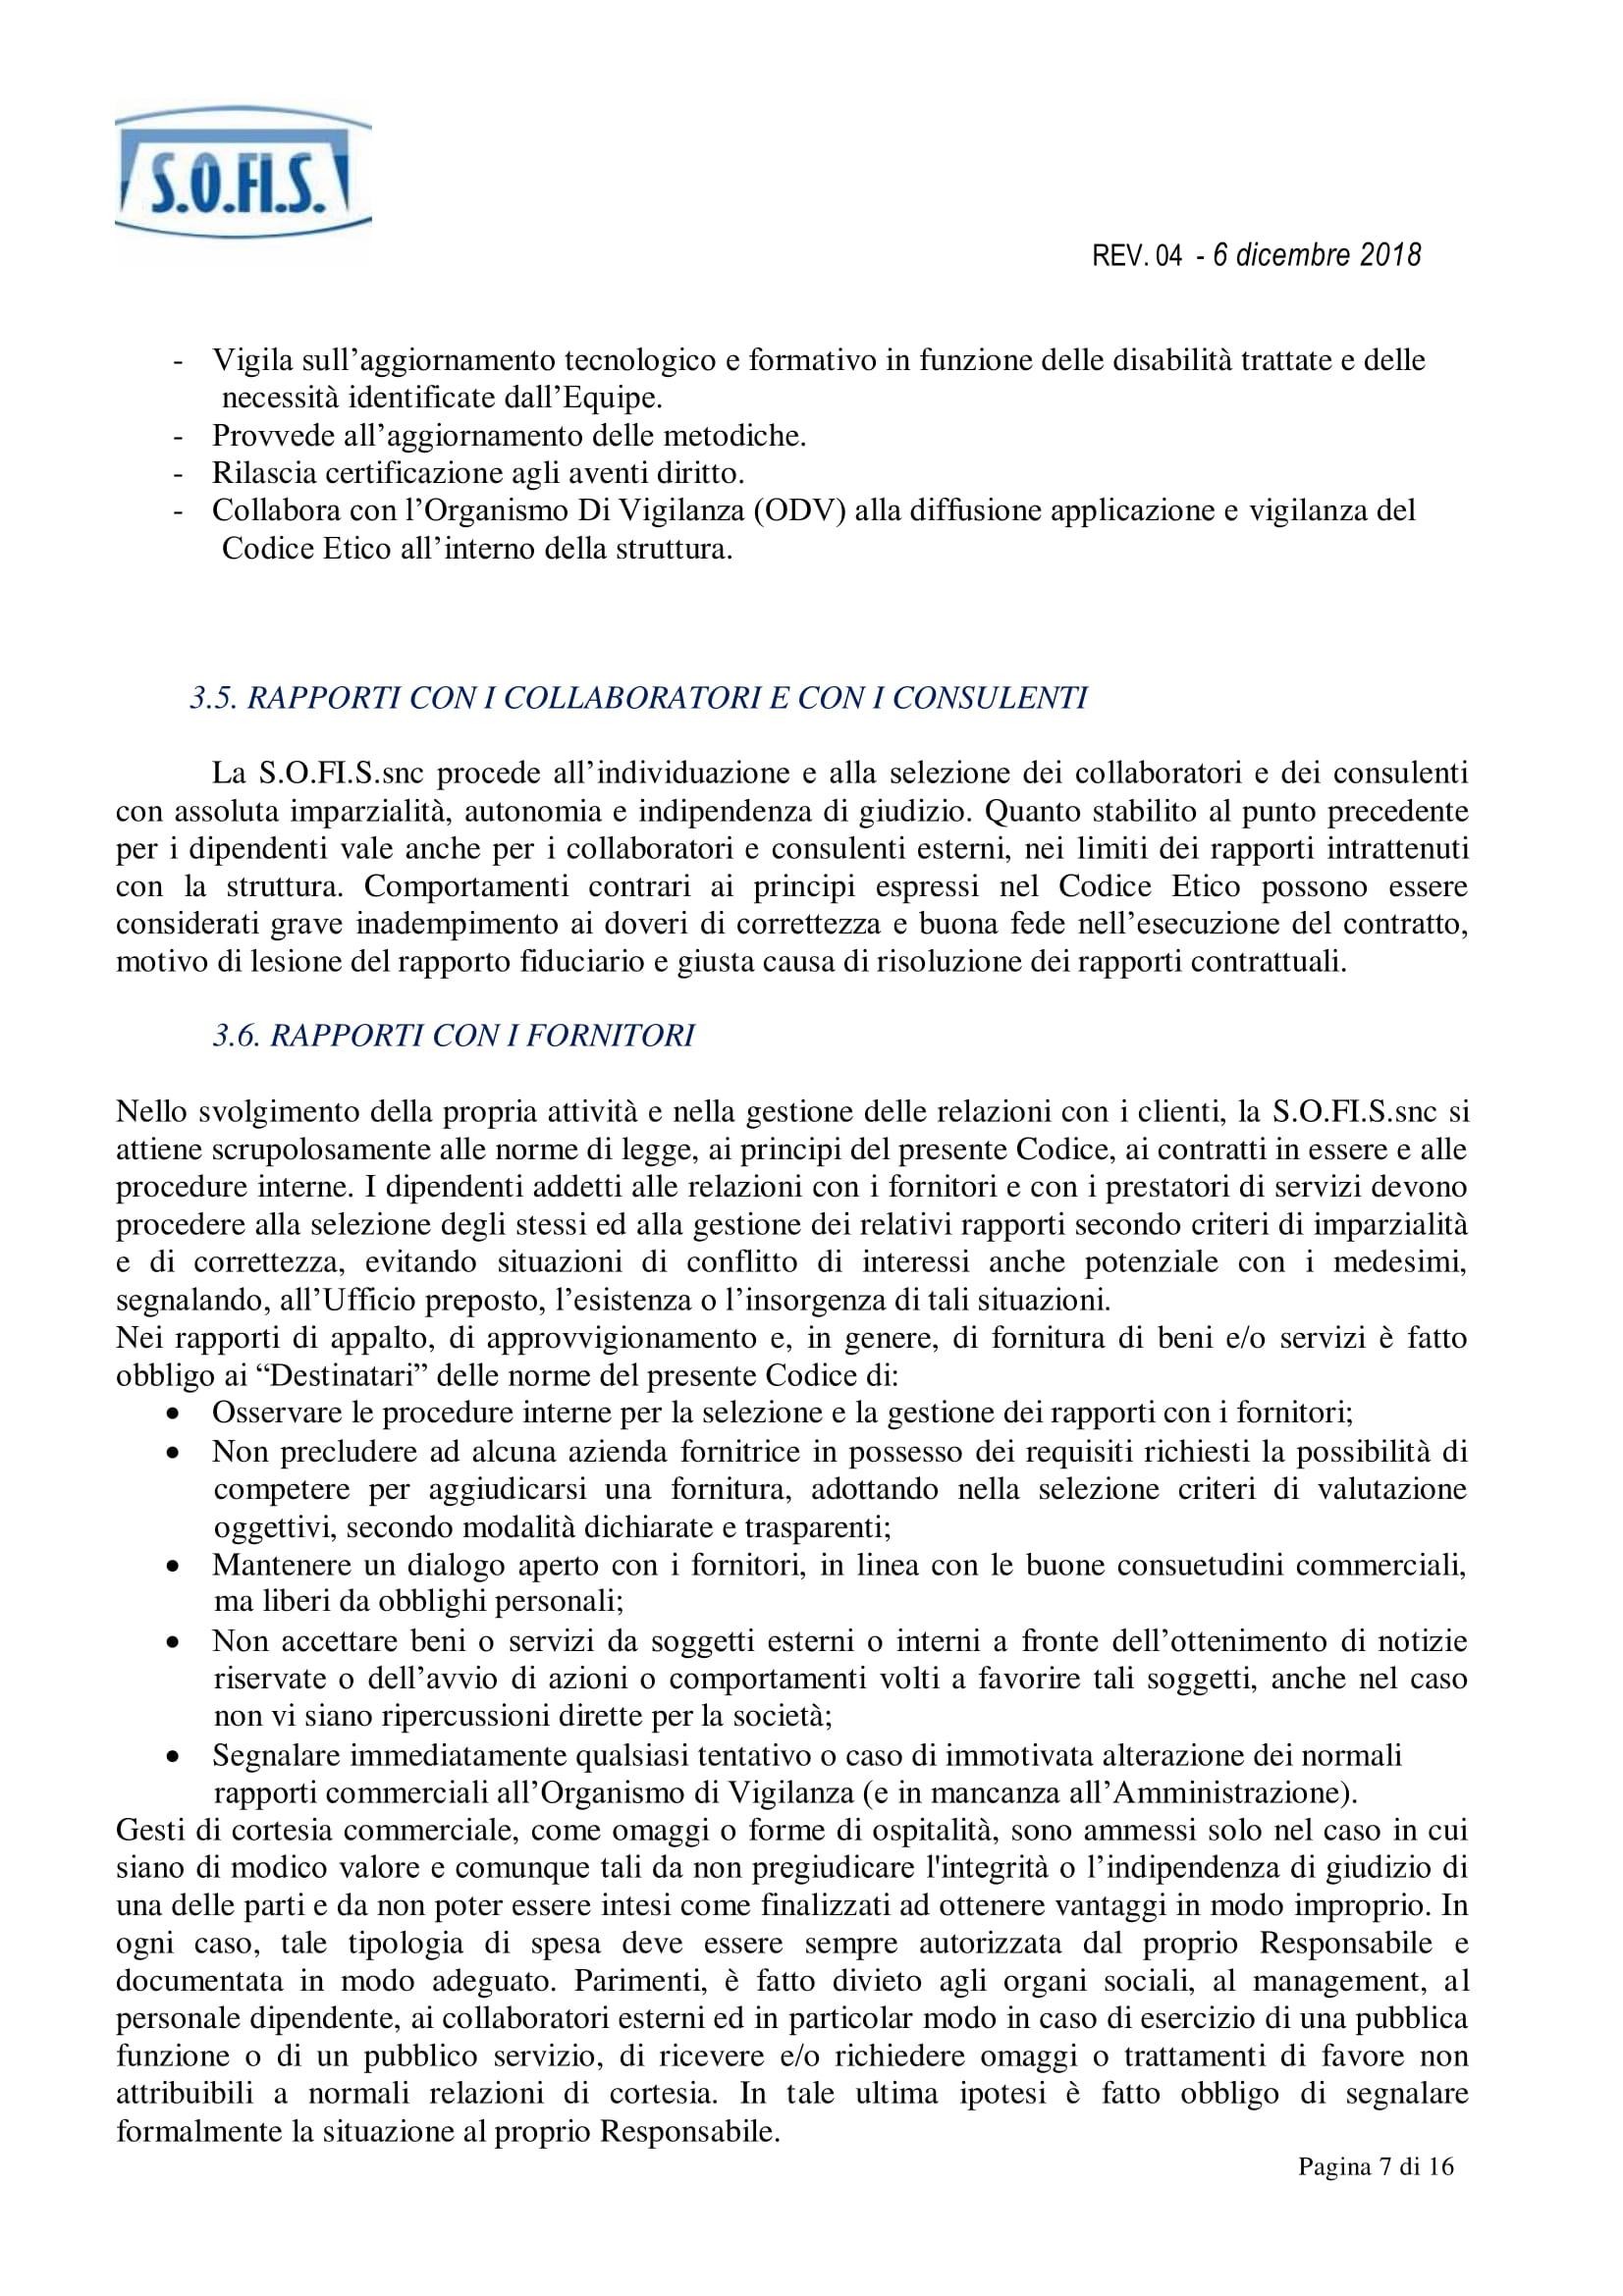 codice_etico-7